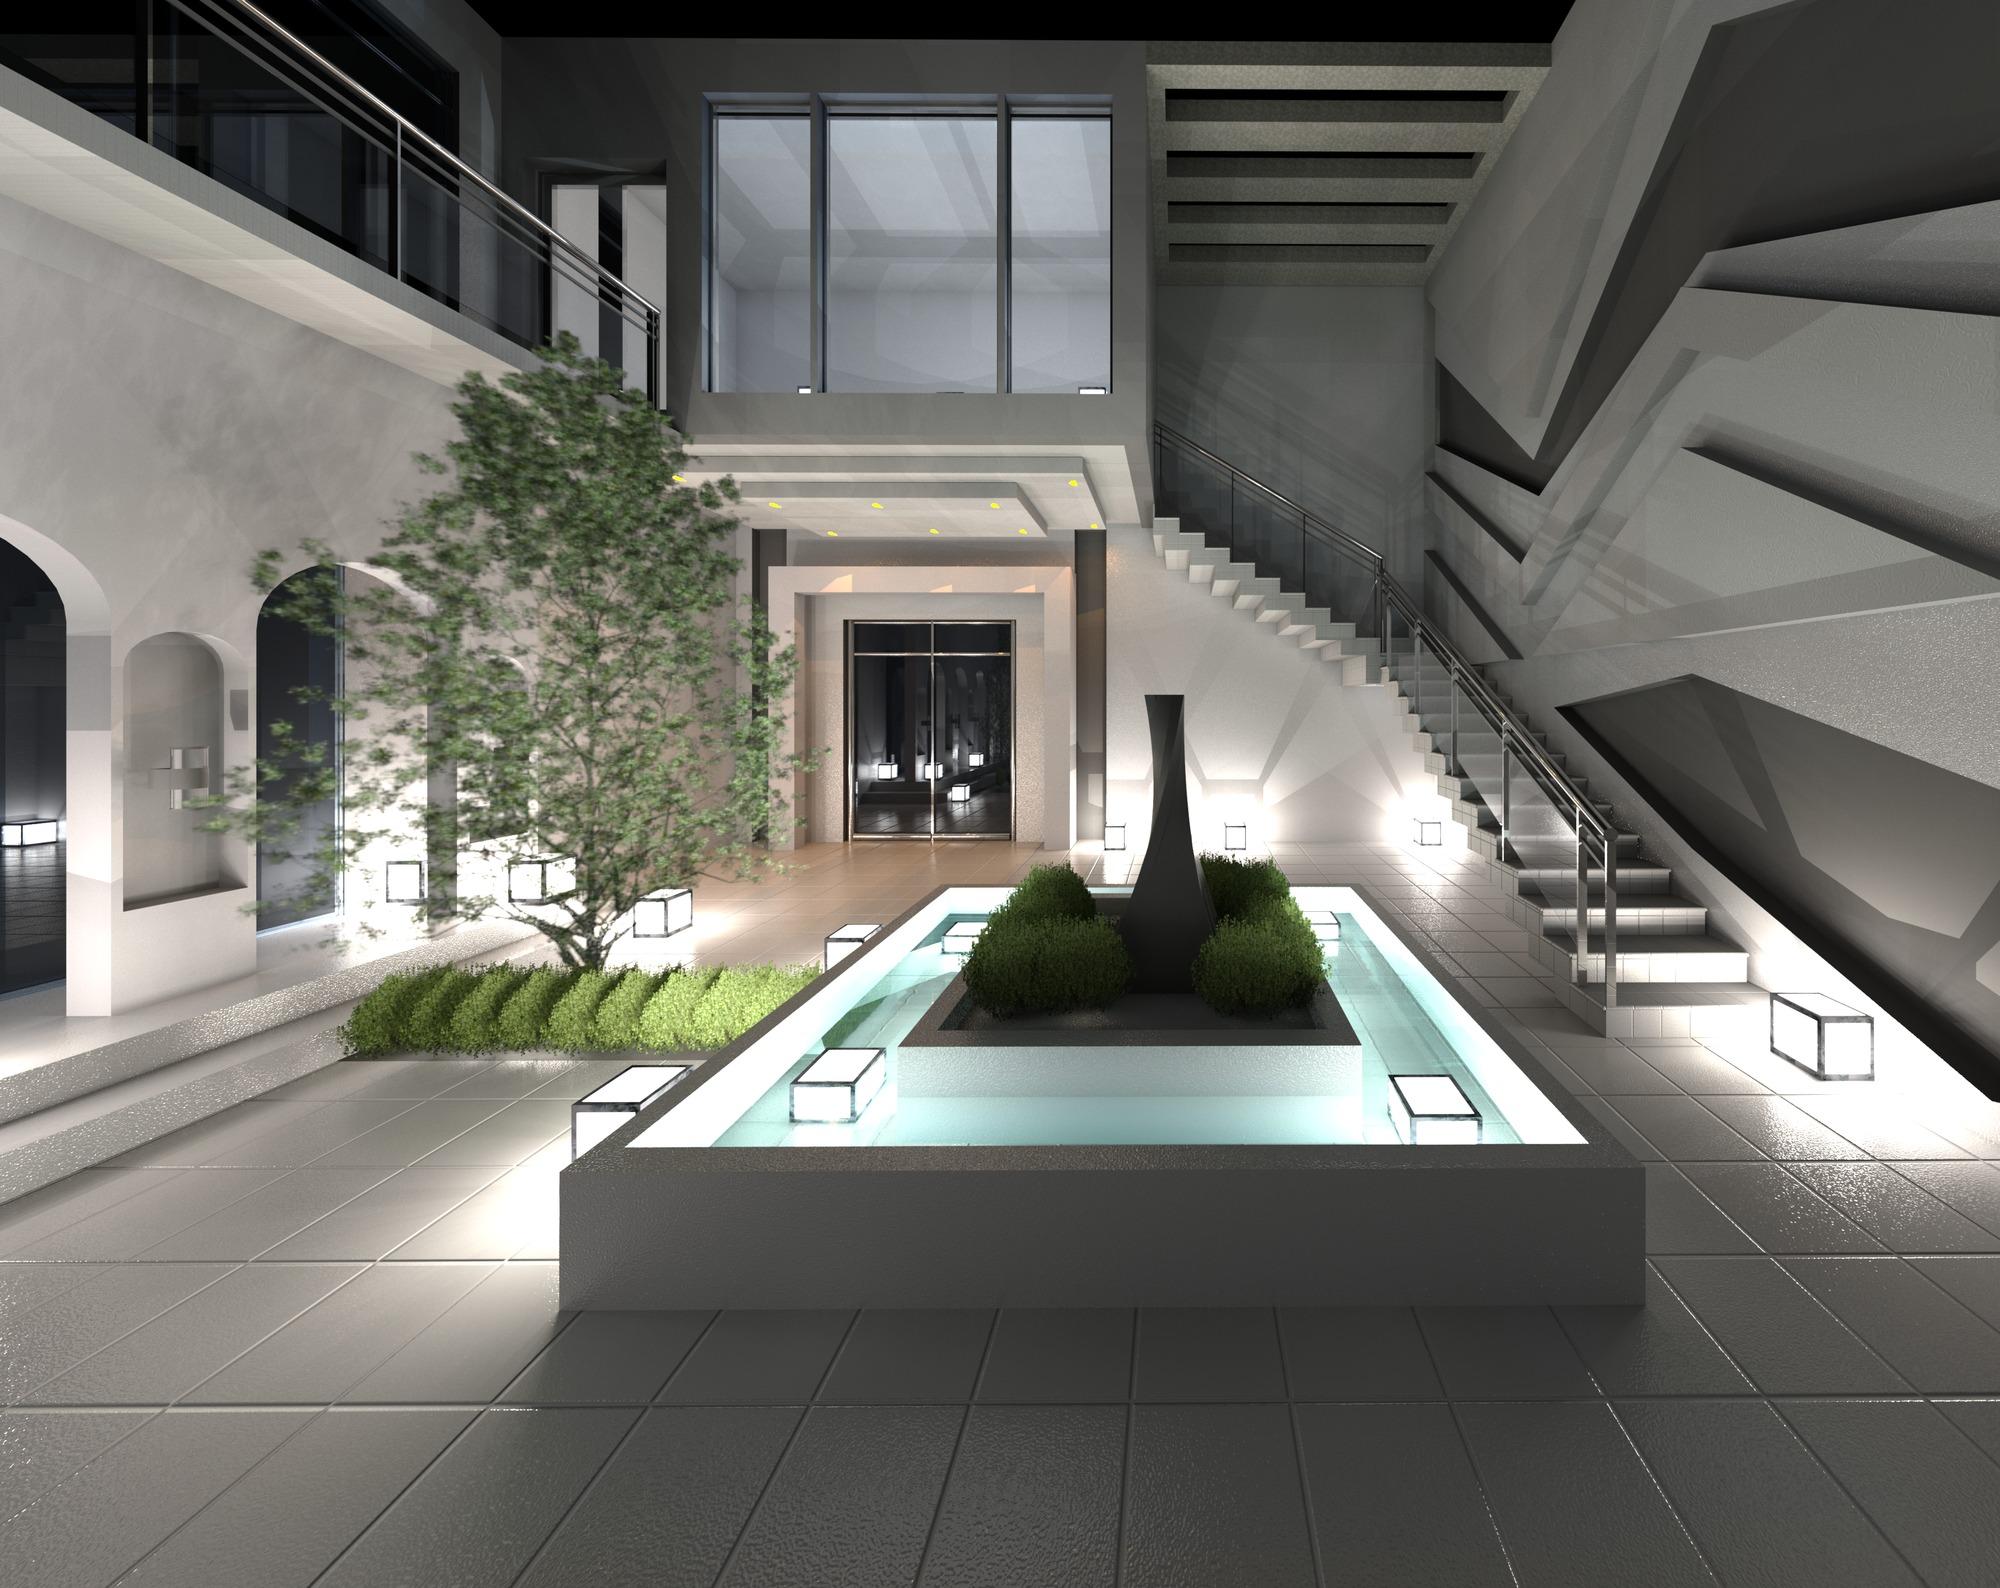 Raas-rendering20141008-20941-1bm1mzy